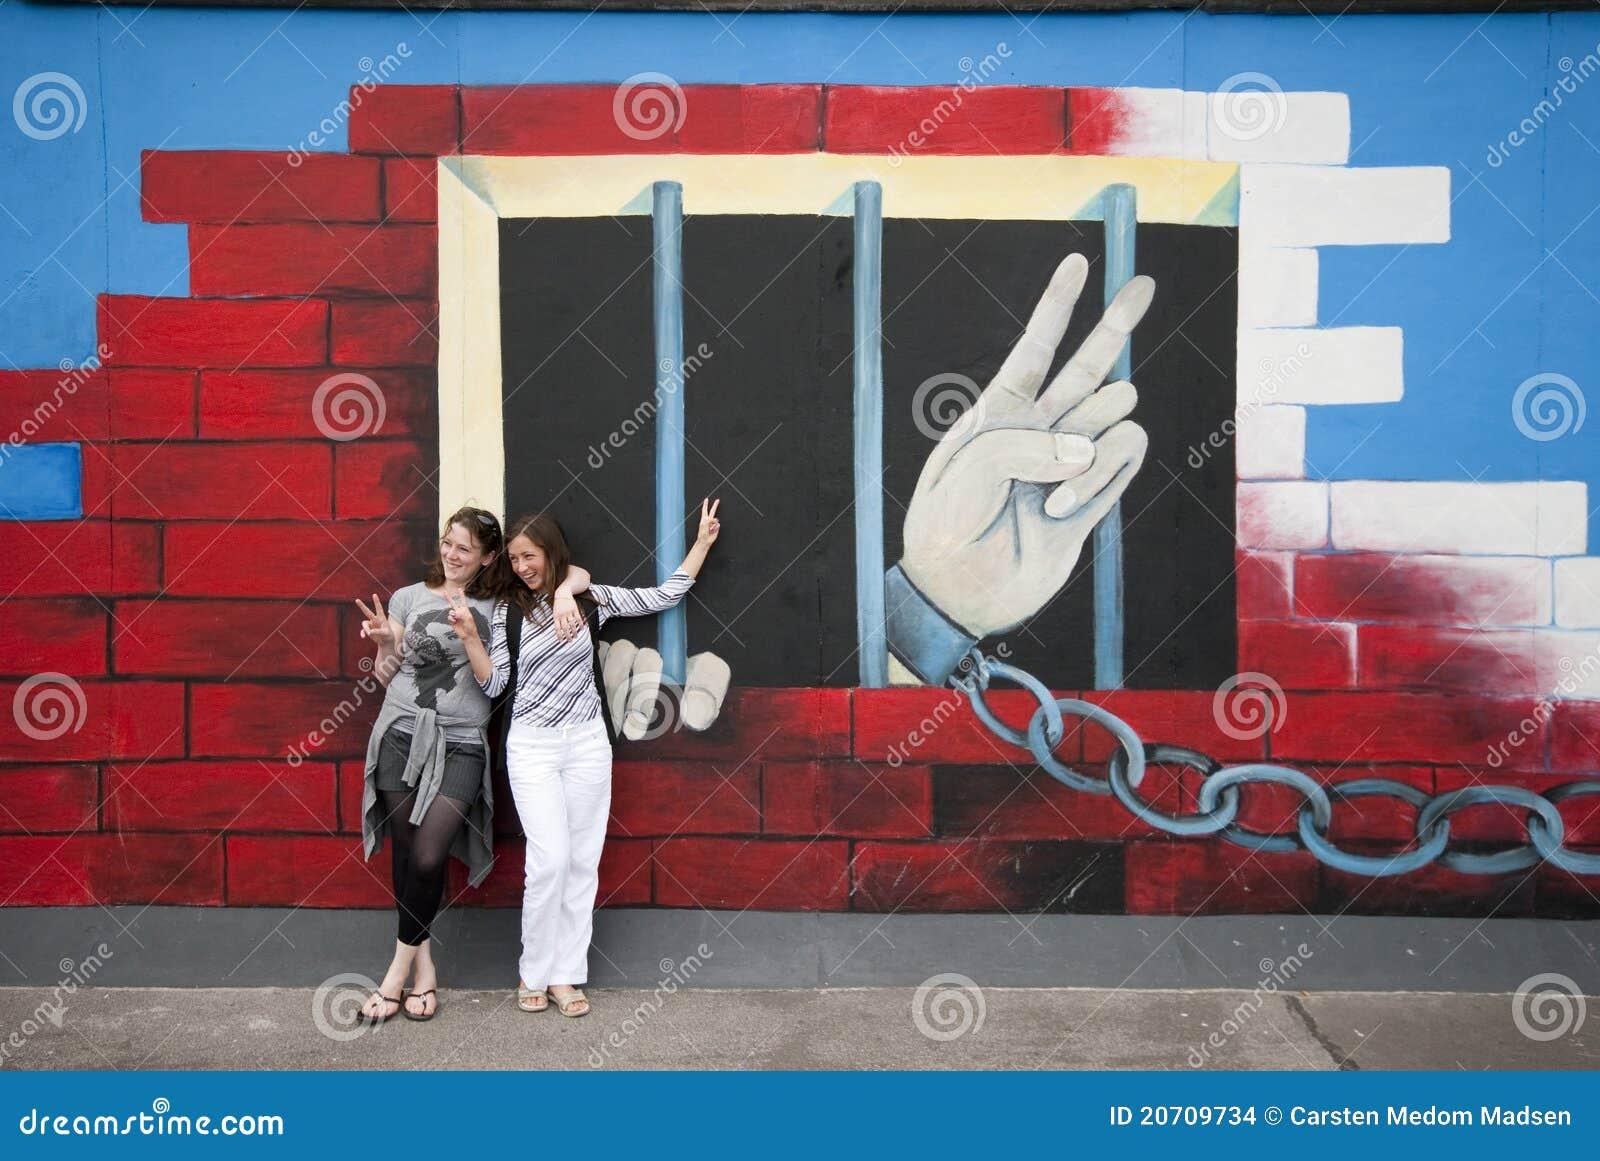 Dedos De La Paz En El Muro De Berlín Imagen De Archivo Editorial Imagen De Surrounding Conmemorativo 20709734